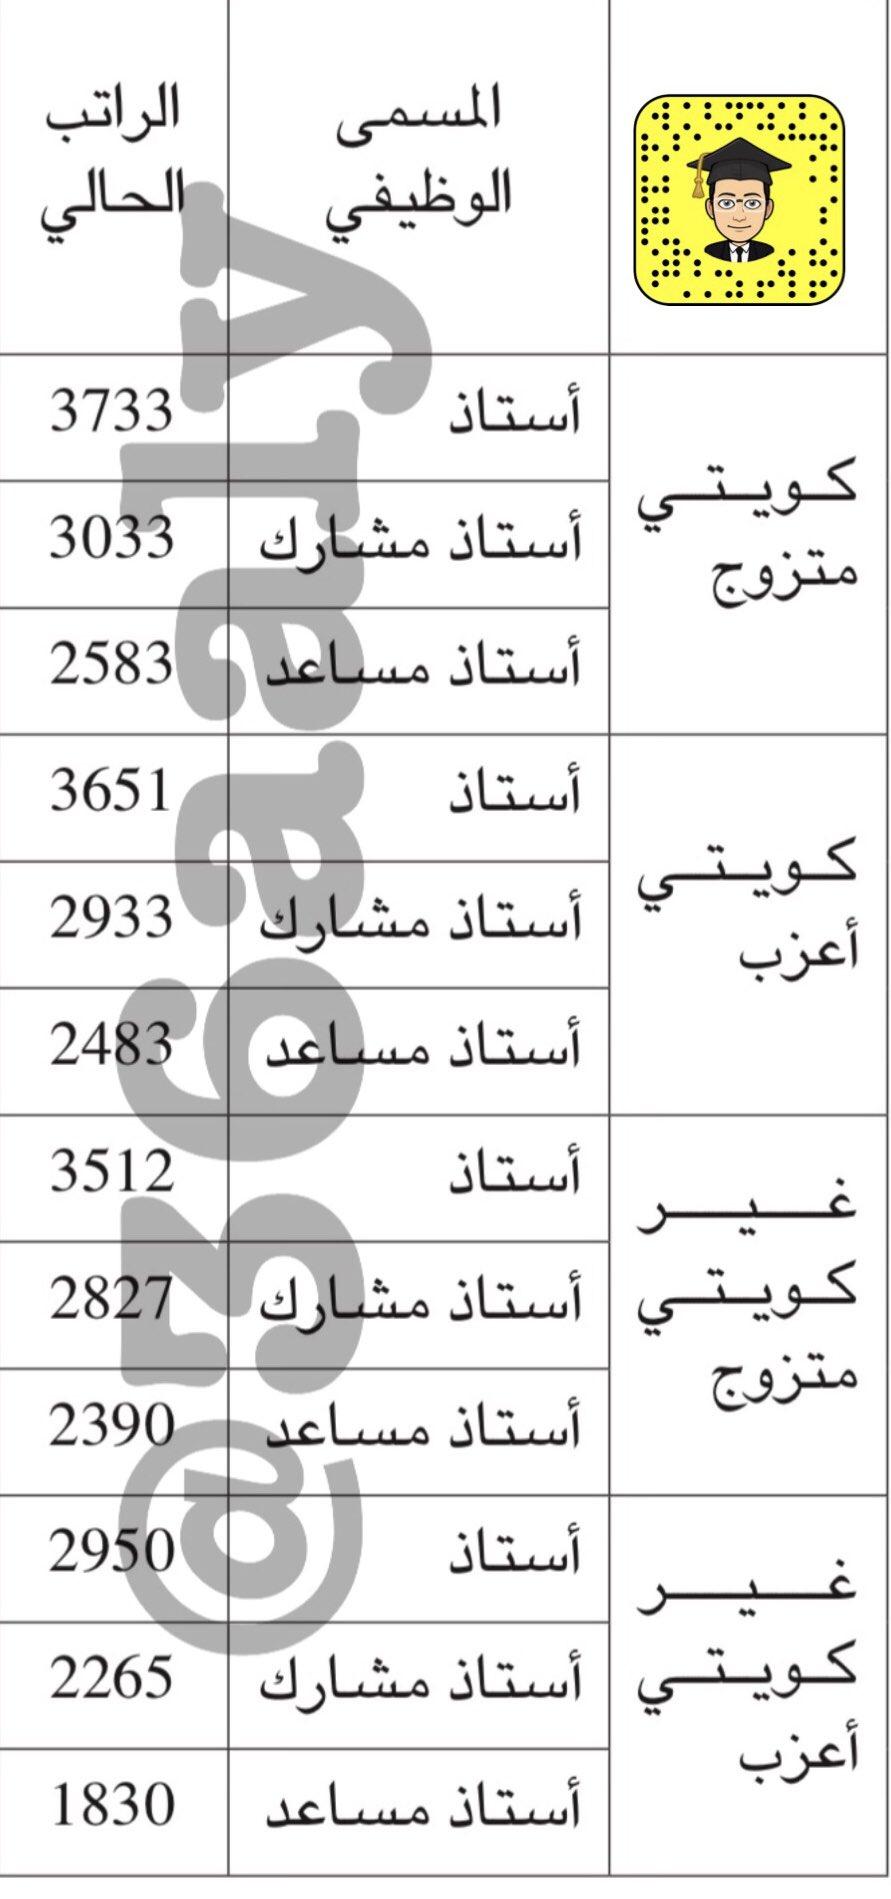 عط الي Pa Twitter جدول رواتب أعضاء هيئة التدريس في جامعة الكويت جدول رواتب عطالي